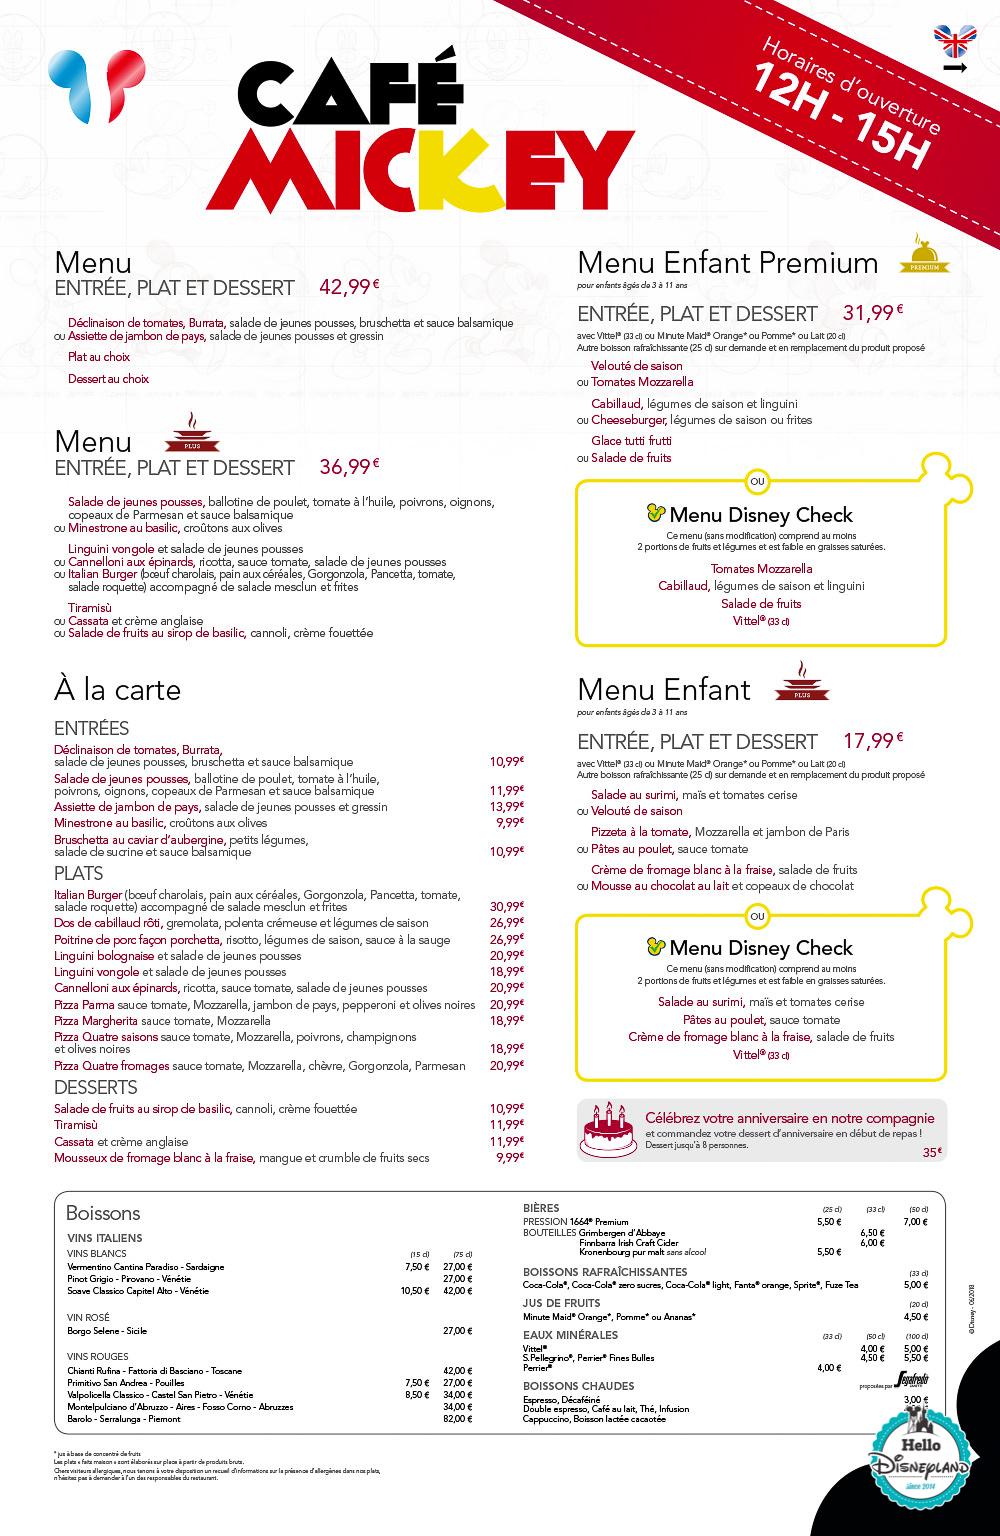 Menus Café Mickey Disneyland Paris